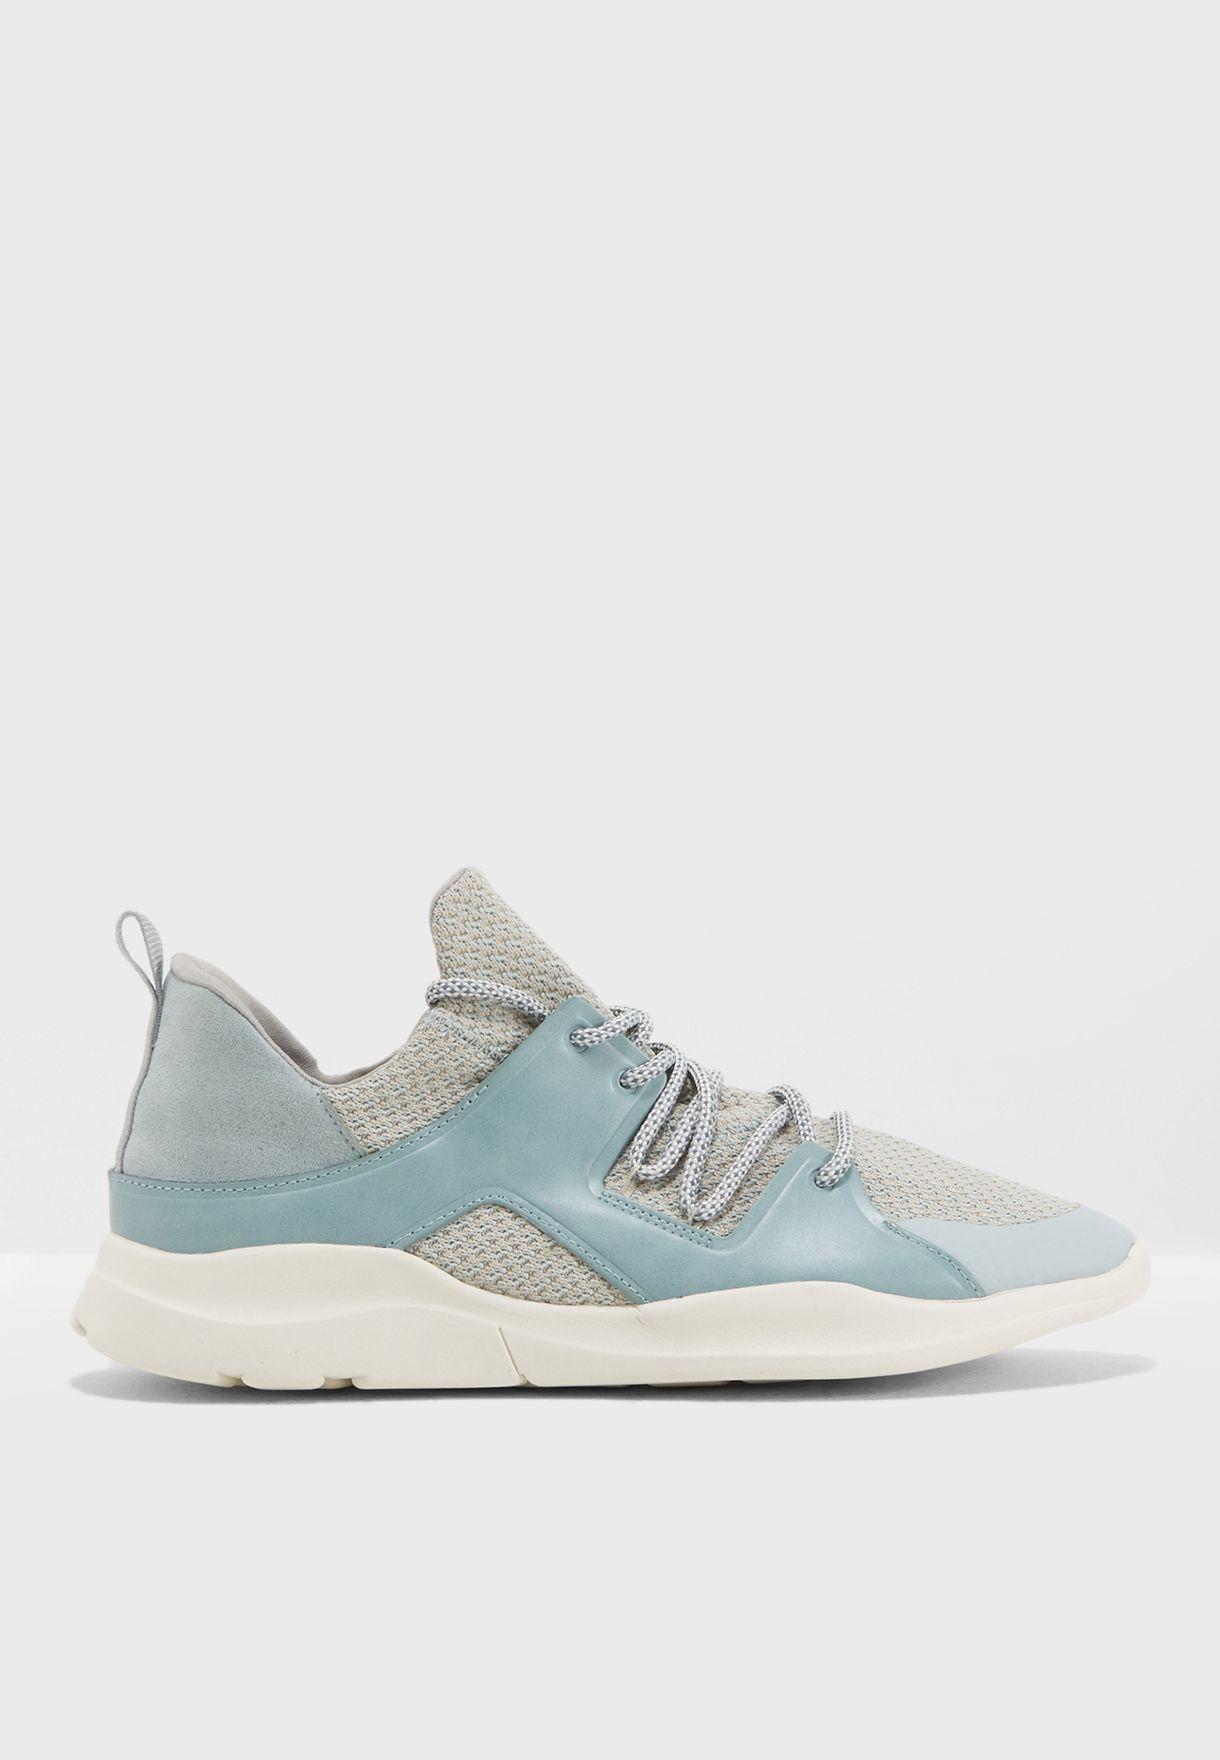 Sneaker Ariel Lace Mango Oman Up 23025690 For Shop In Blue Women hQrtsCd